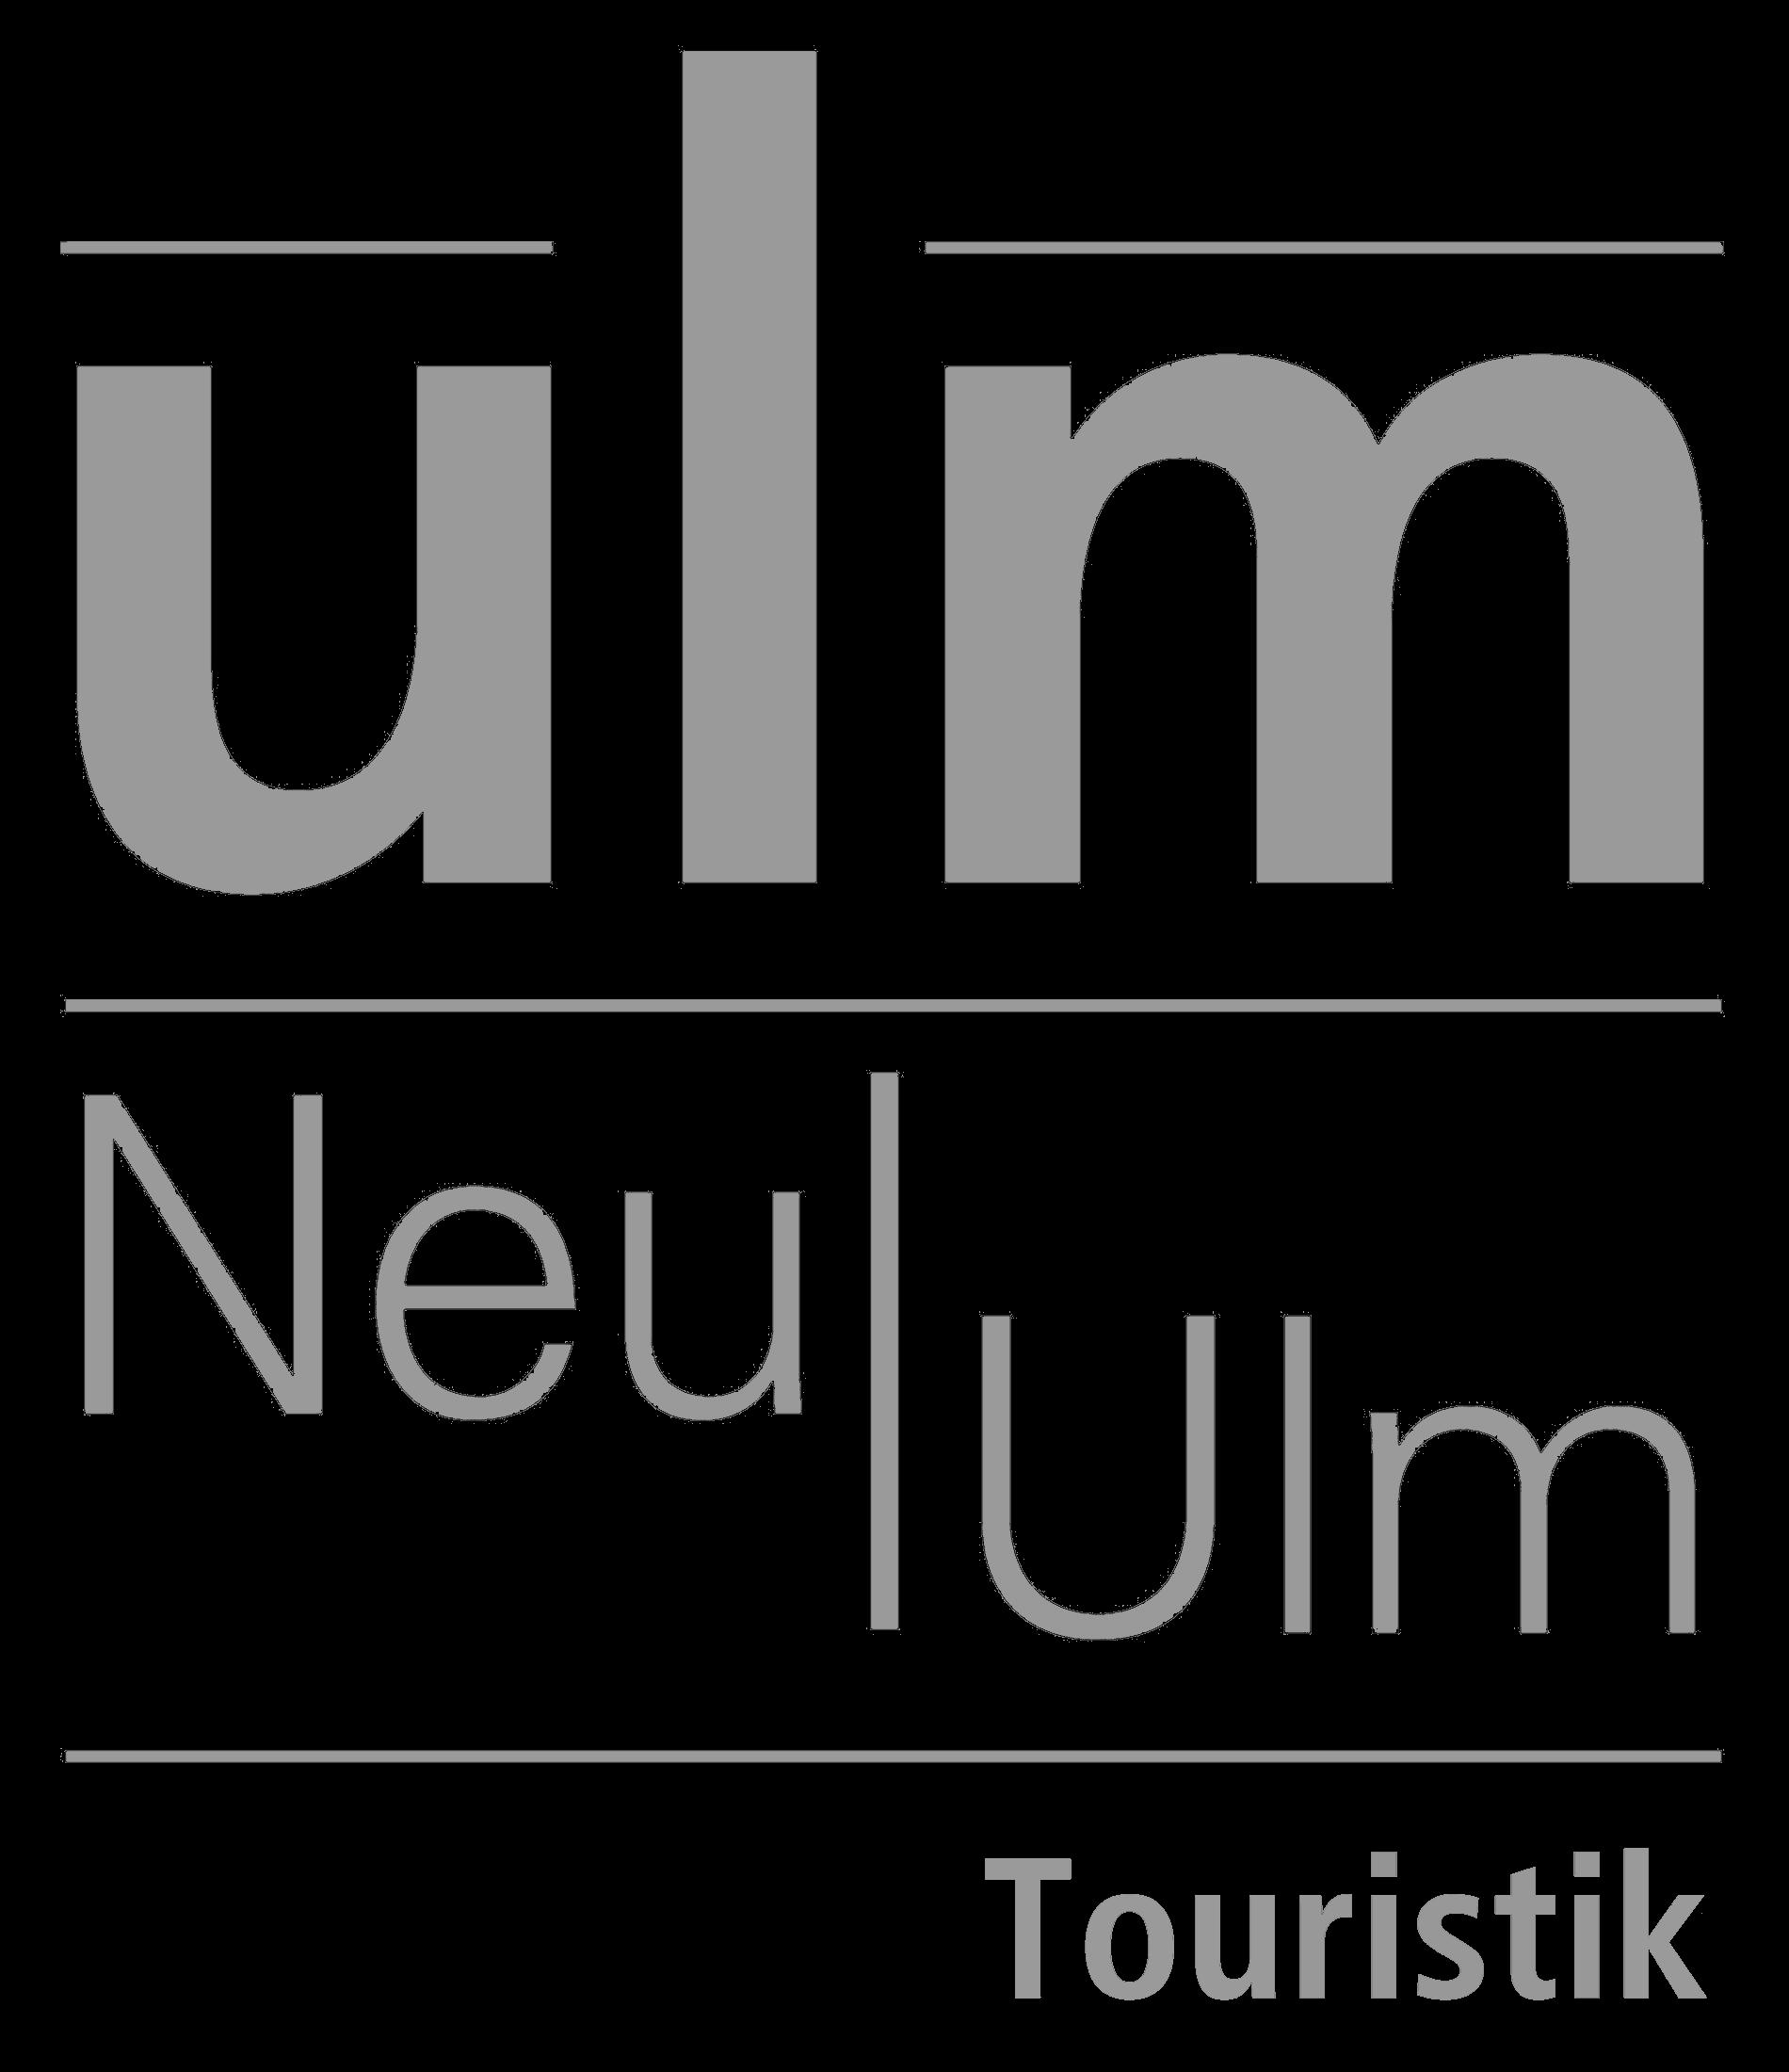 Ulm/Neu-Ulm Touristik GmbH (UNT)